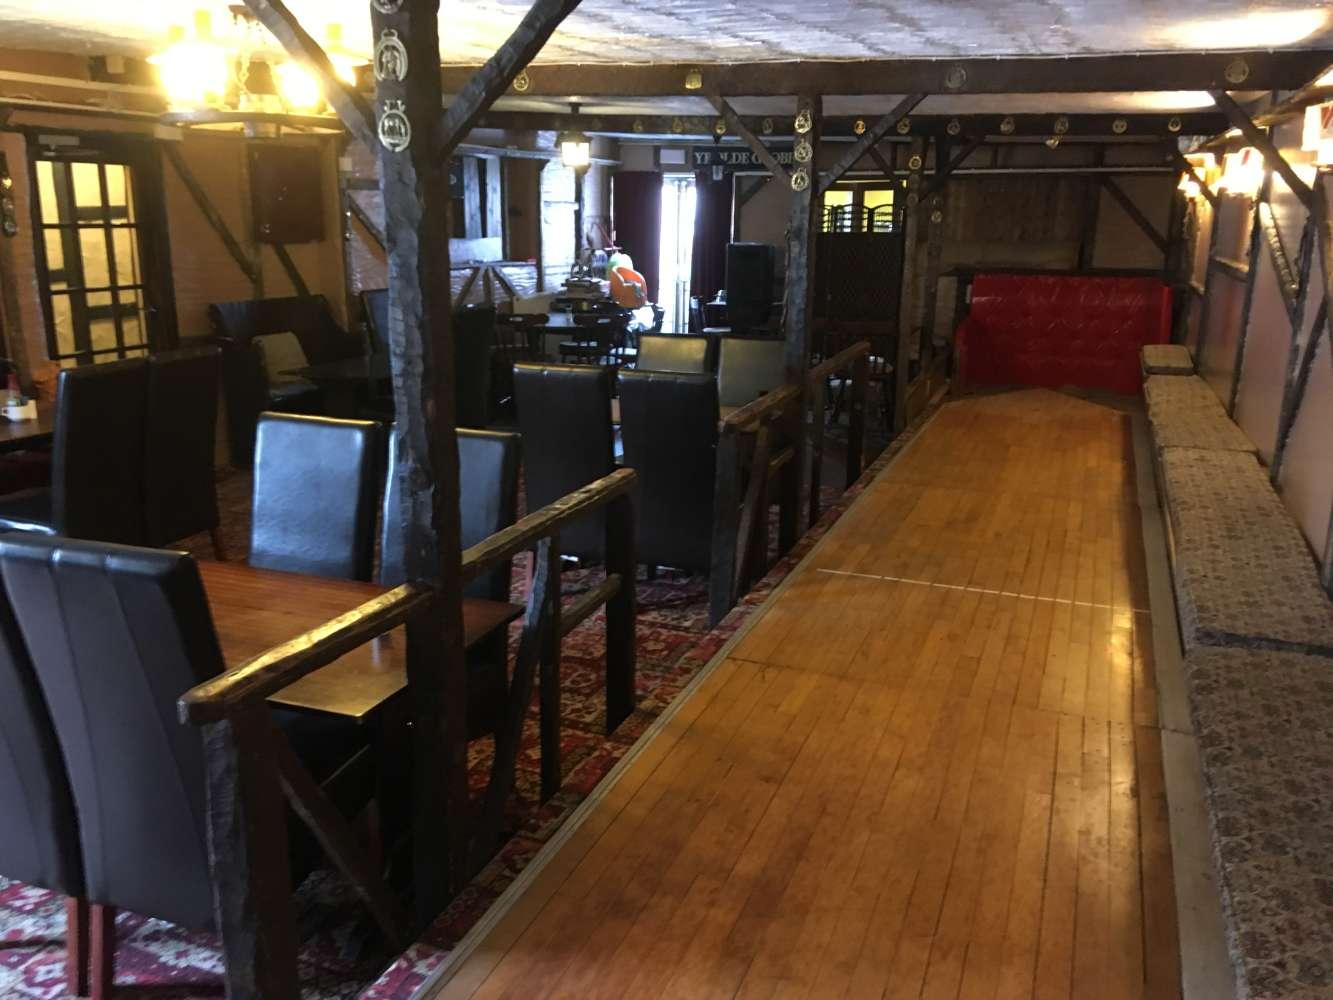 Pub Ilfracombe, EX34 9SG - Ye Olde Globe - 0193